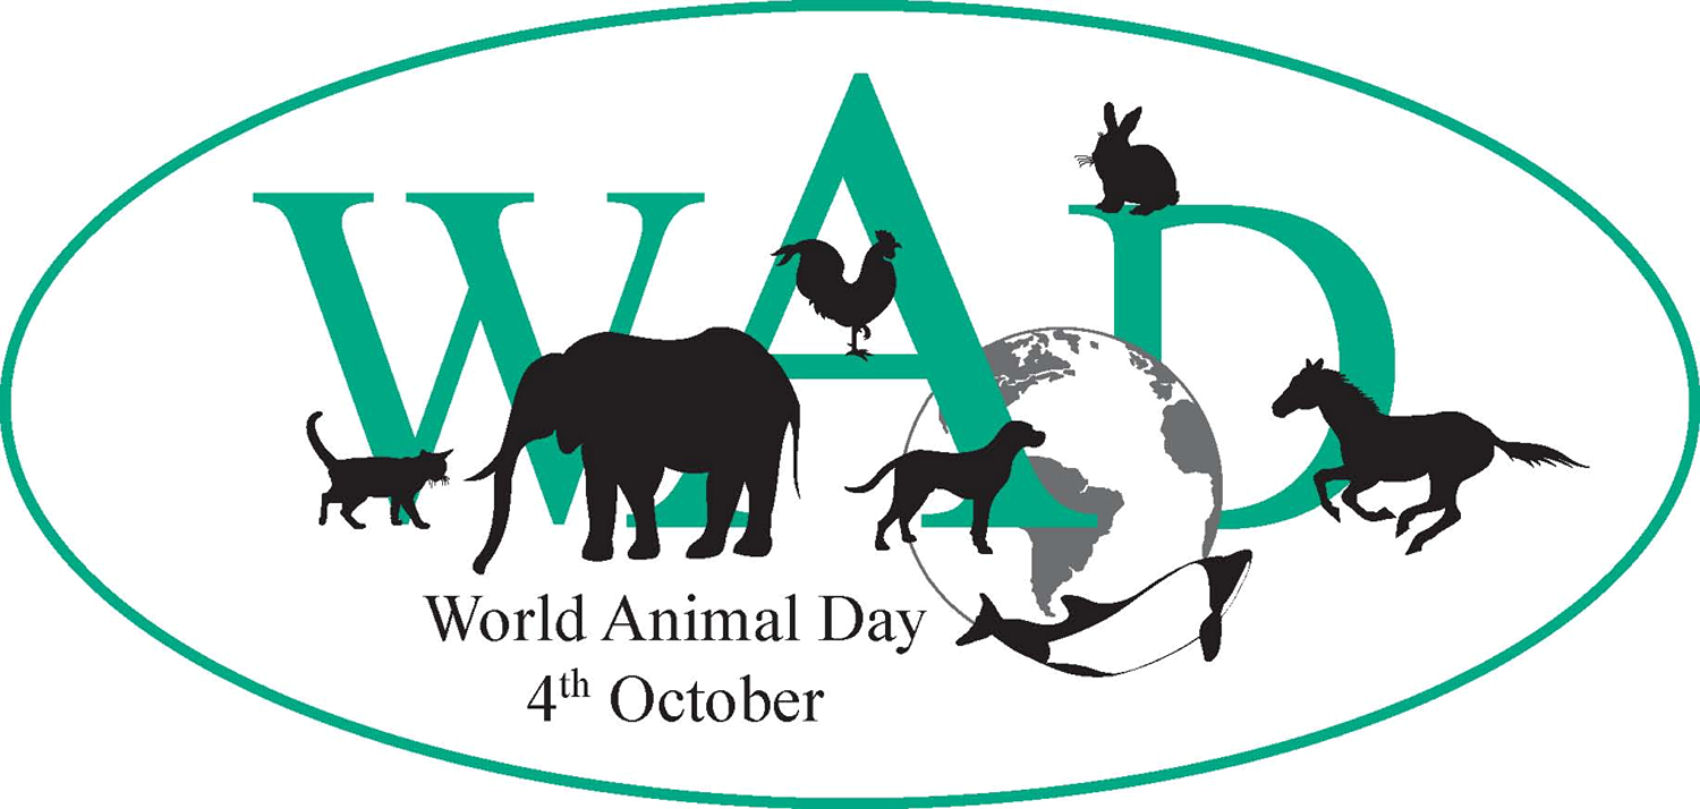 World-Animal-Day-logo-final-1